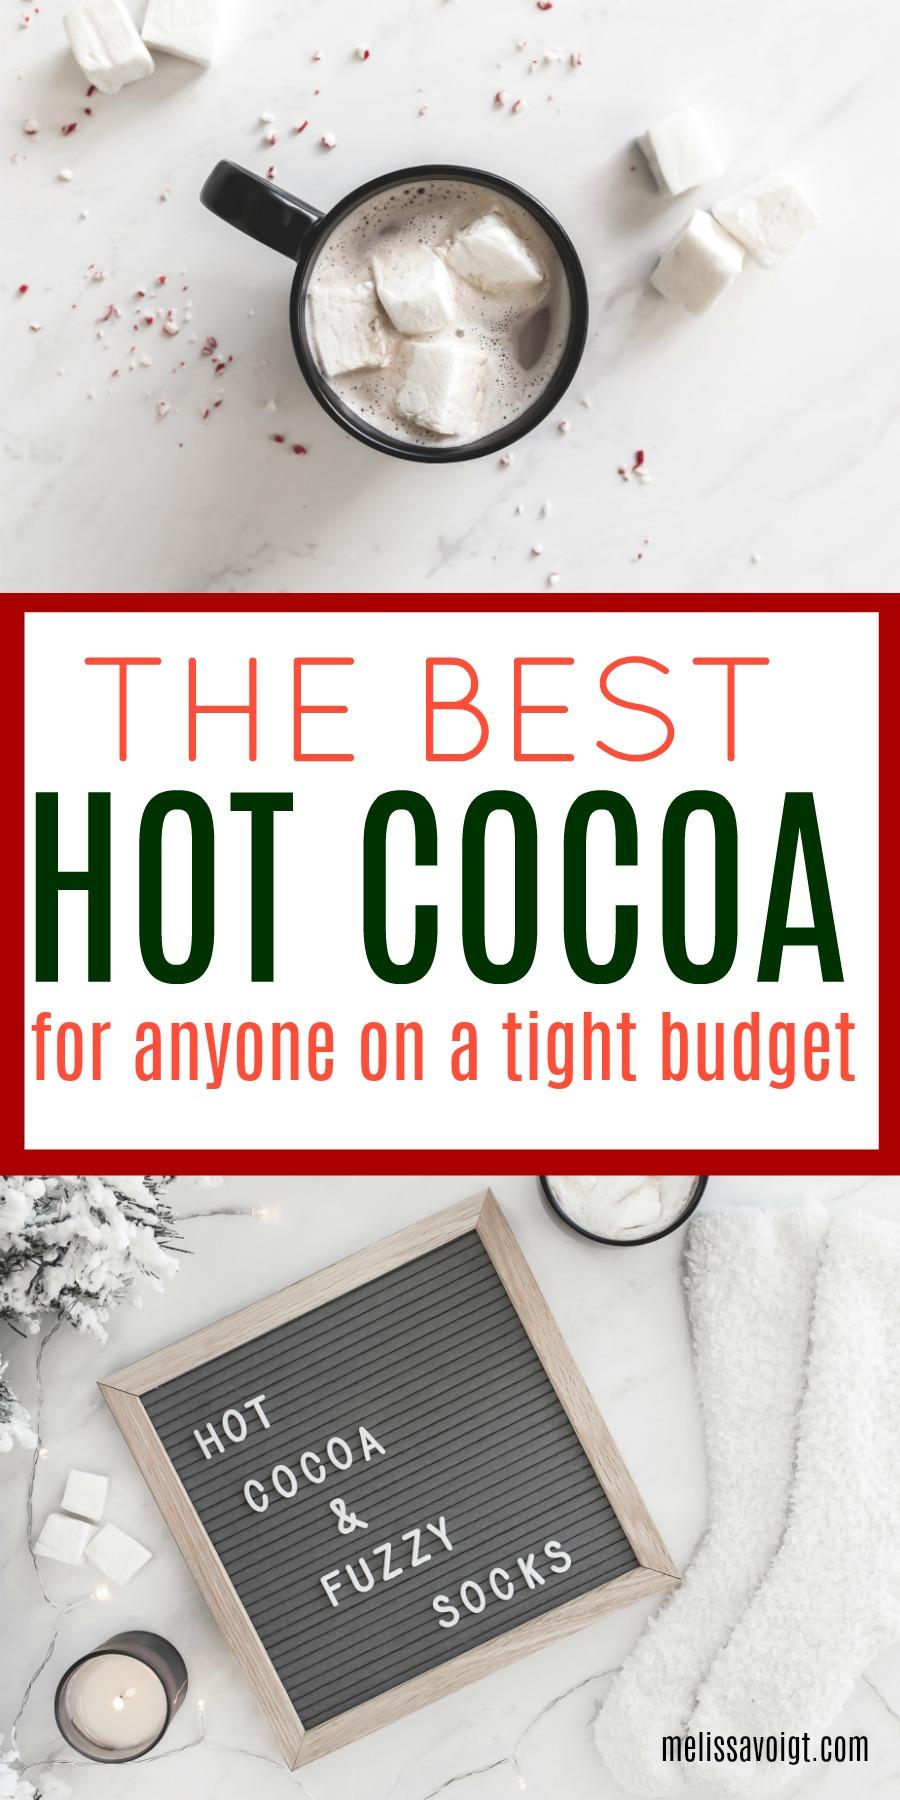 hot cocoa 1.jpg